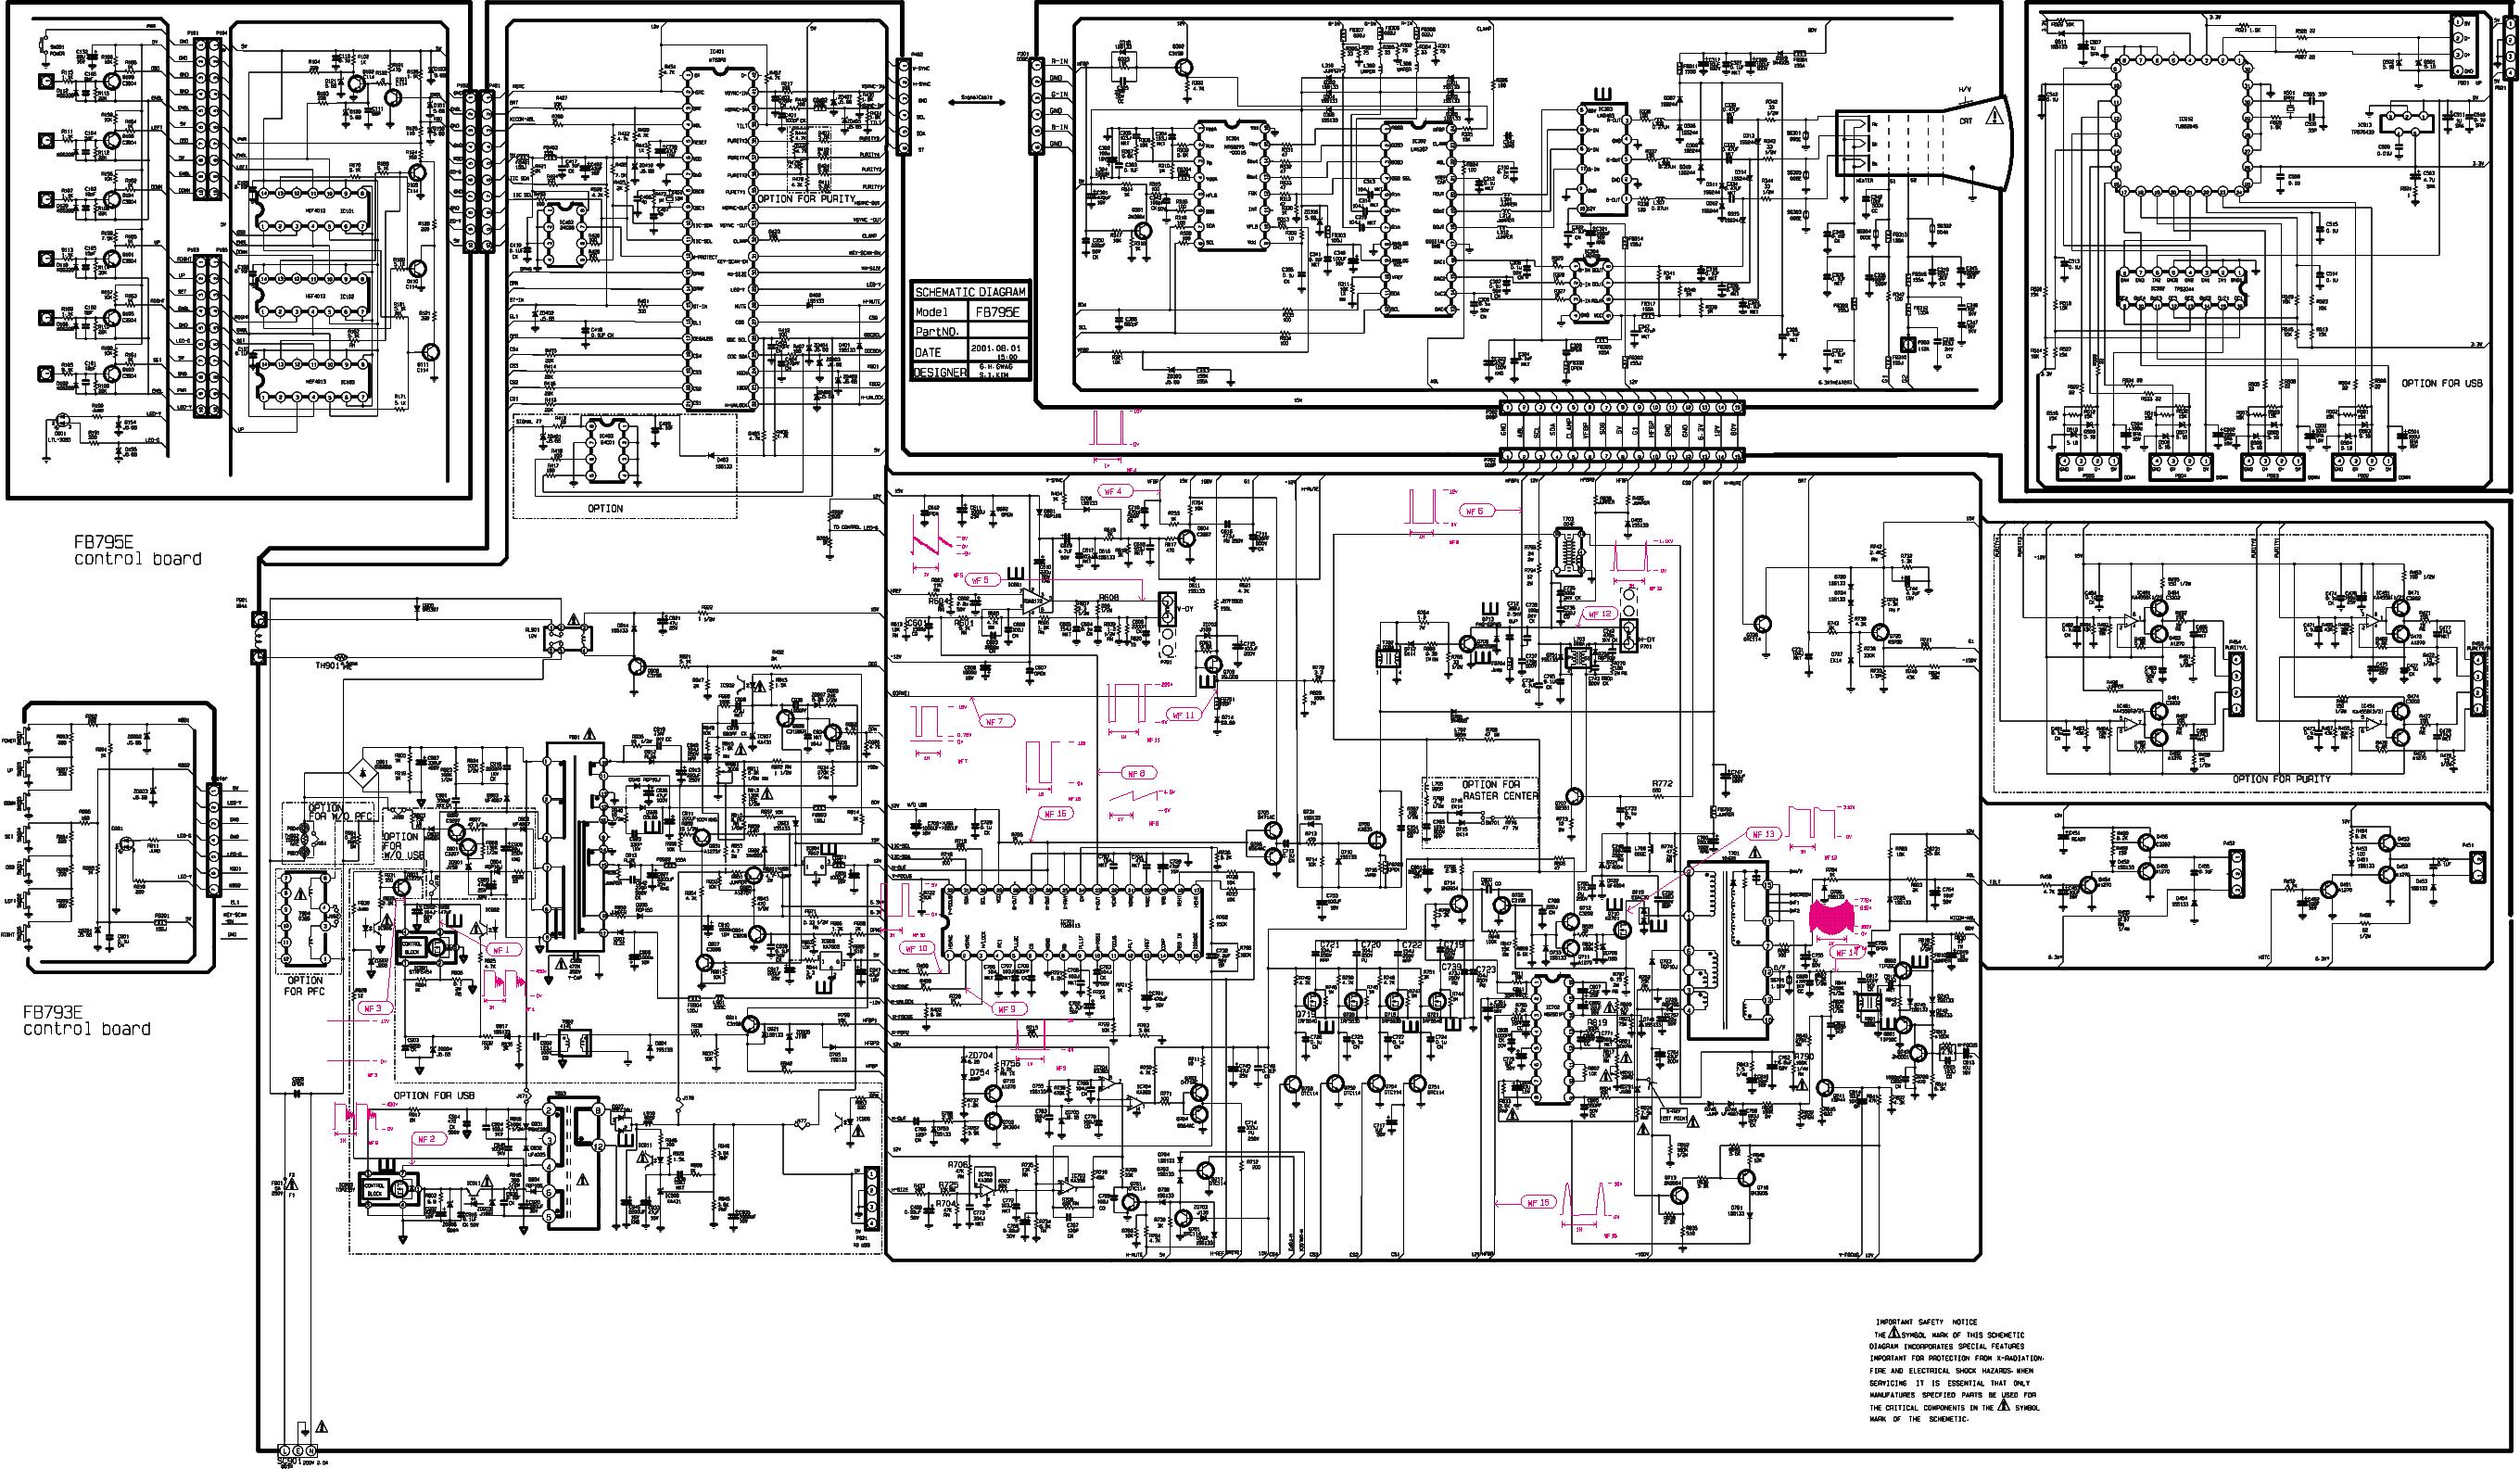 lg flatron fb795e service manual download  schematics